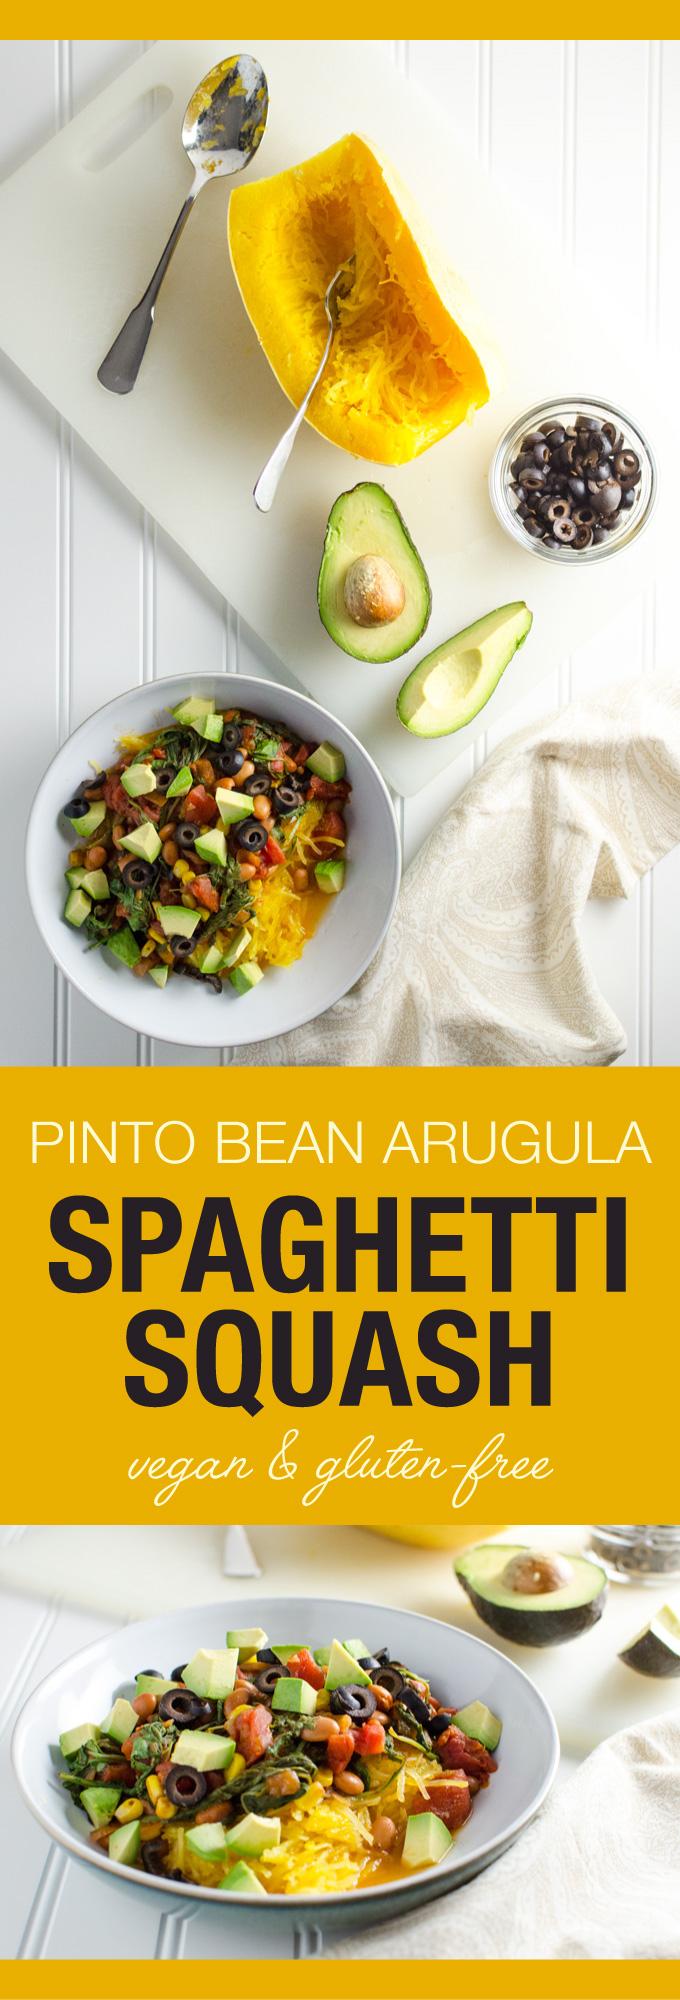 Spaghetti Squash Nutrition Whole Foods